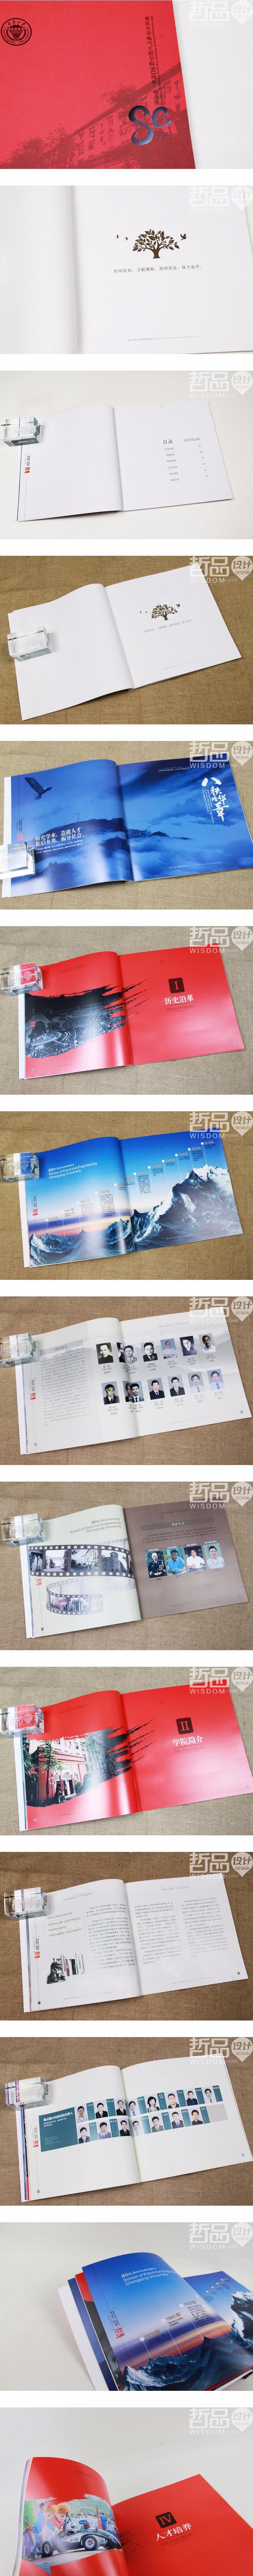 重庆大学电气工程学院80周年.jpg